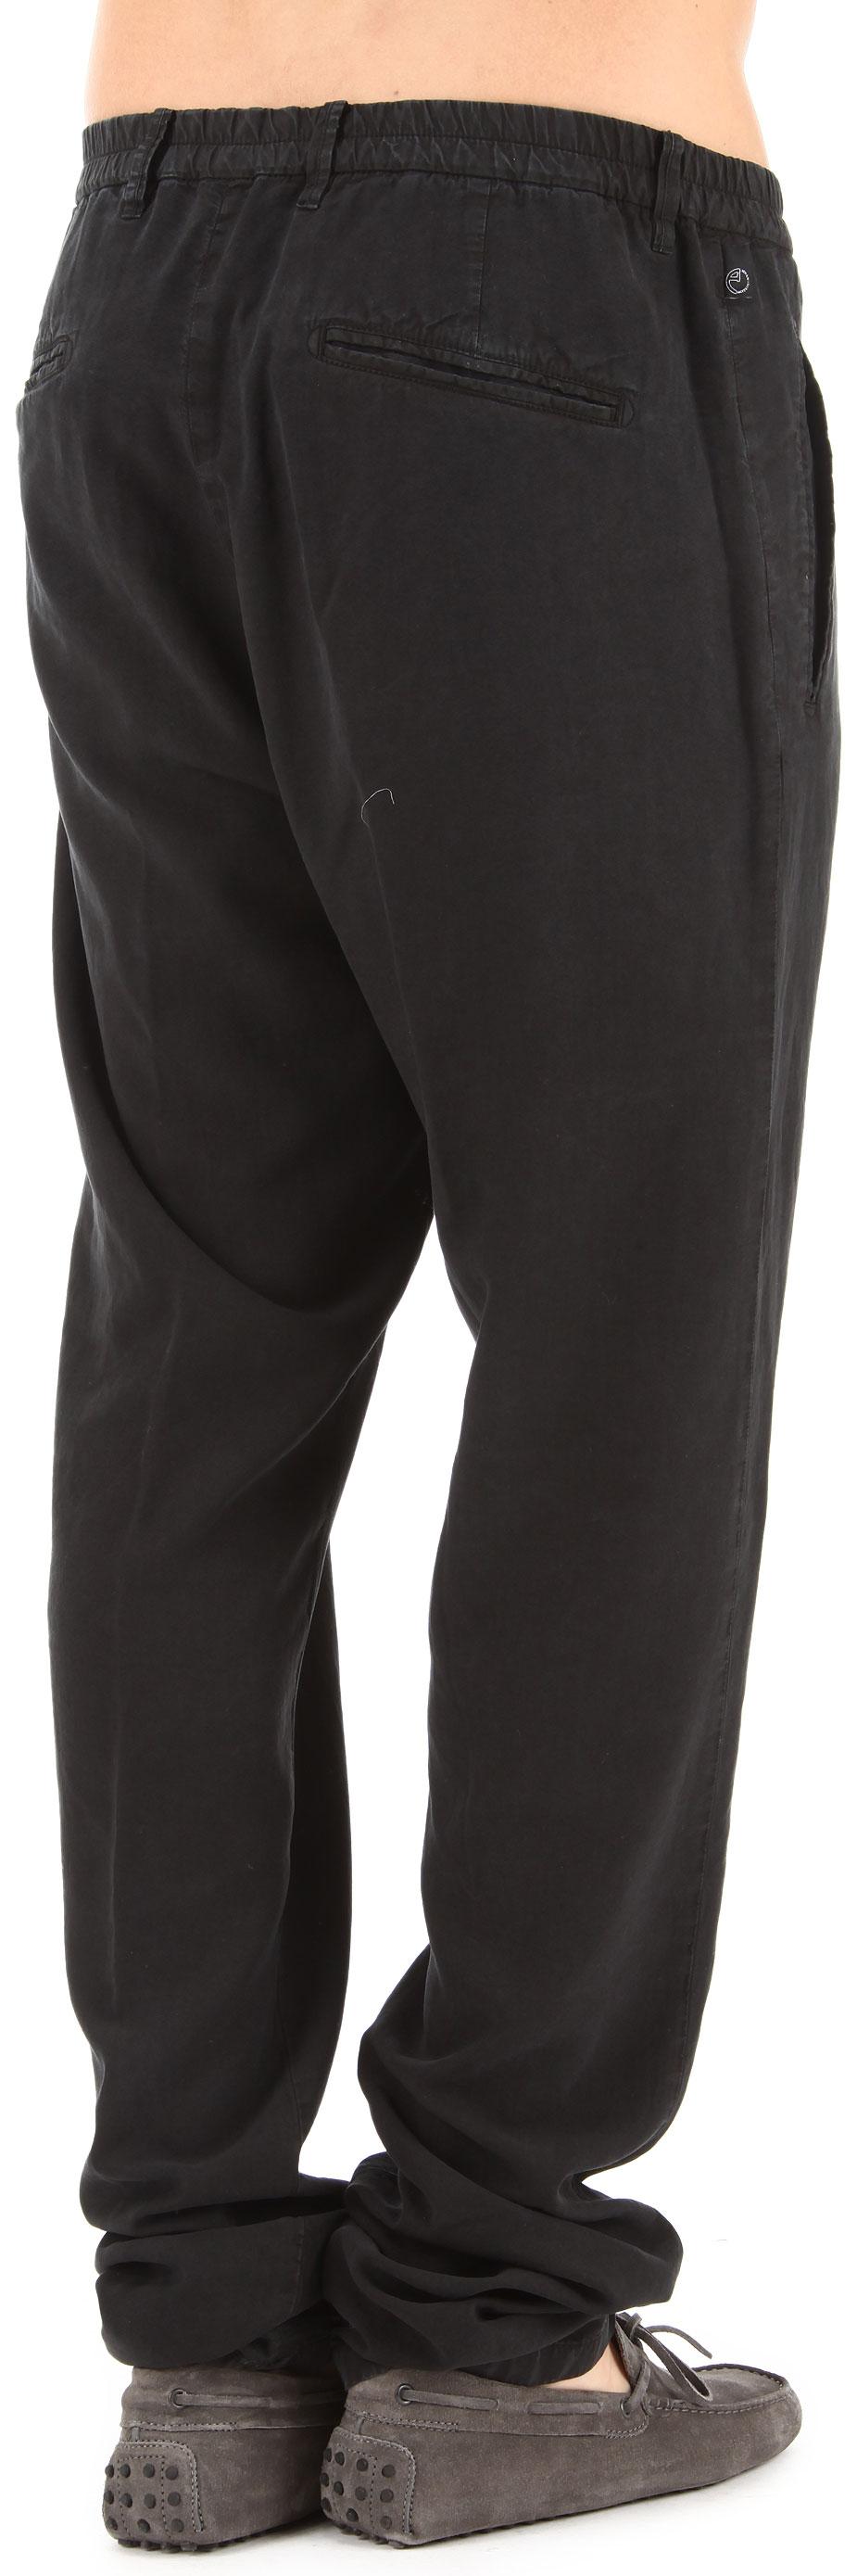 Abbigliamento Uomo Emporio Armani Codice Articolo Tcp95s-tcs04-999